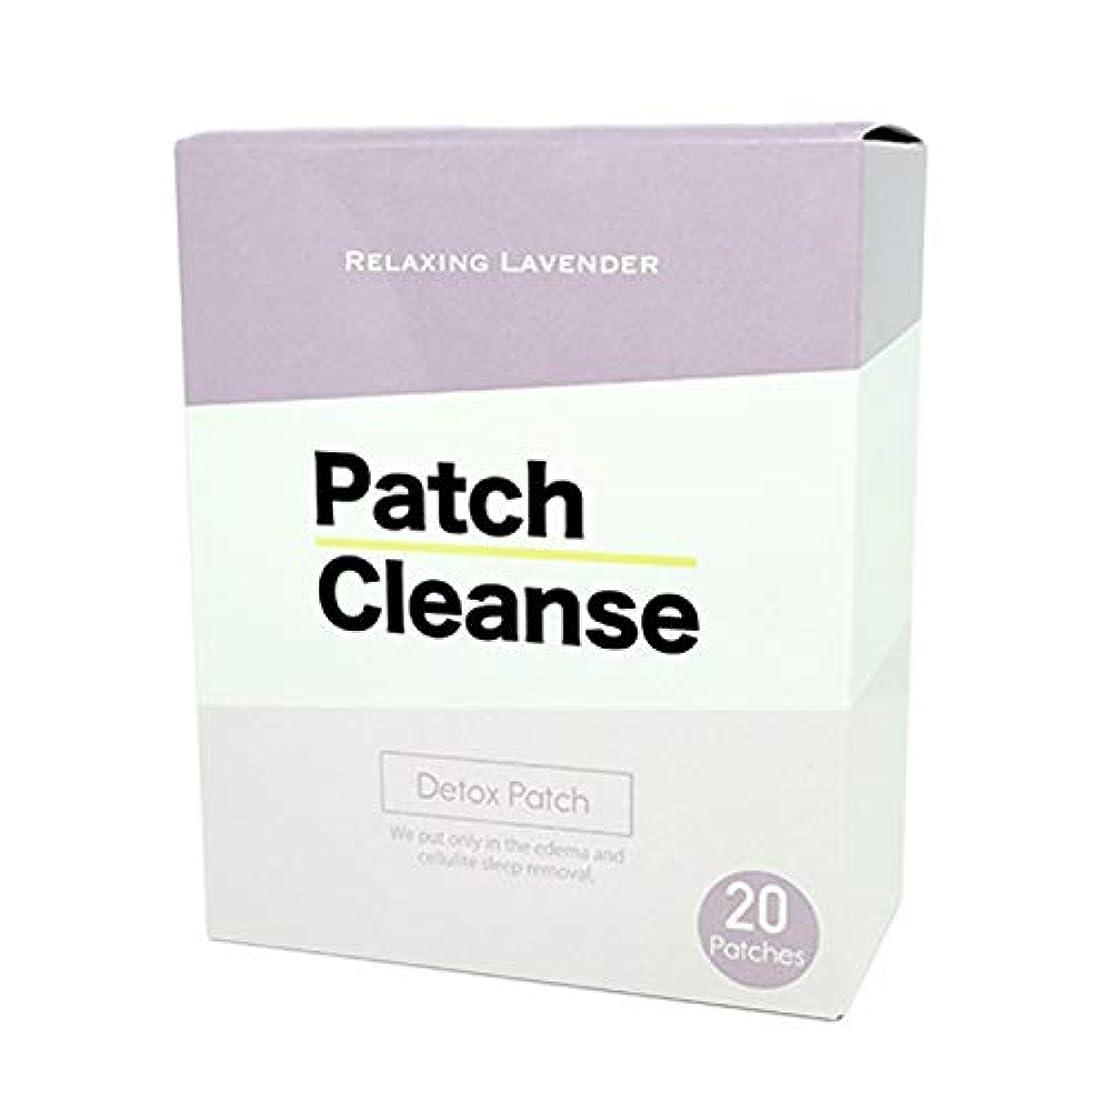 抜本的なタール興奮Patch Cleanse パッチクレンズ むくみ デトックス 老廃物 リフレッシュ エステ